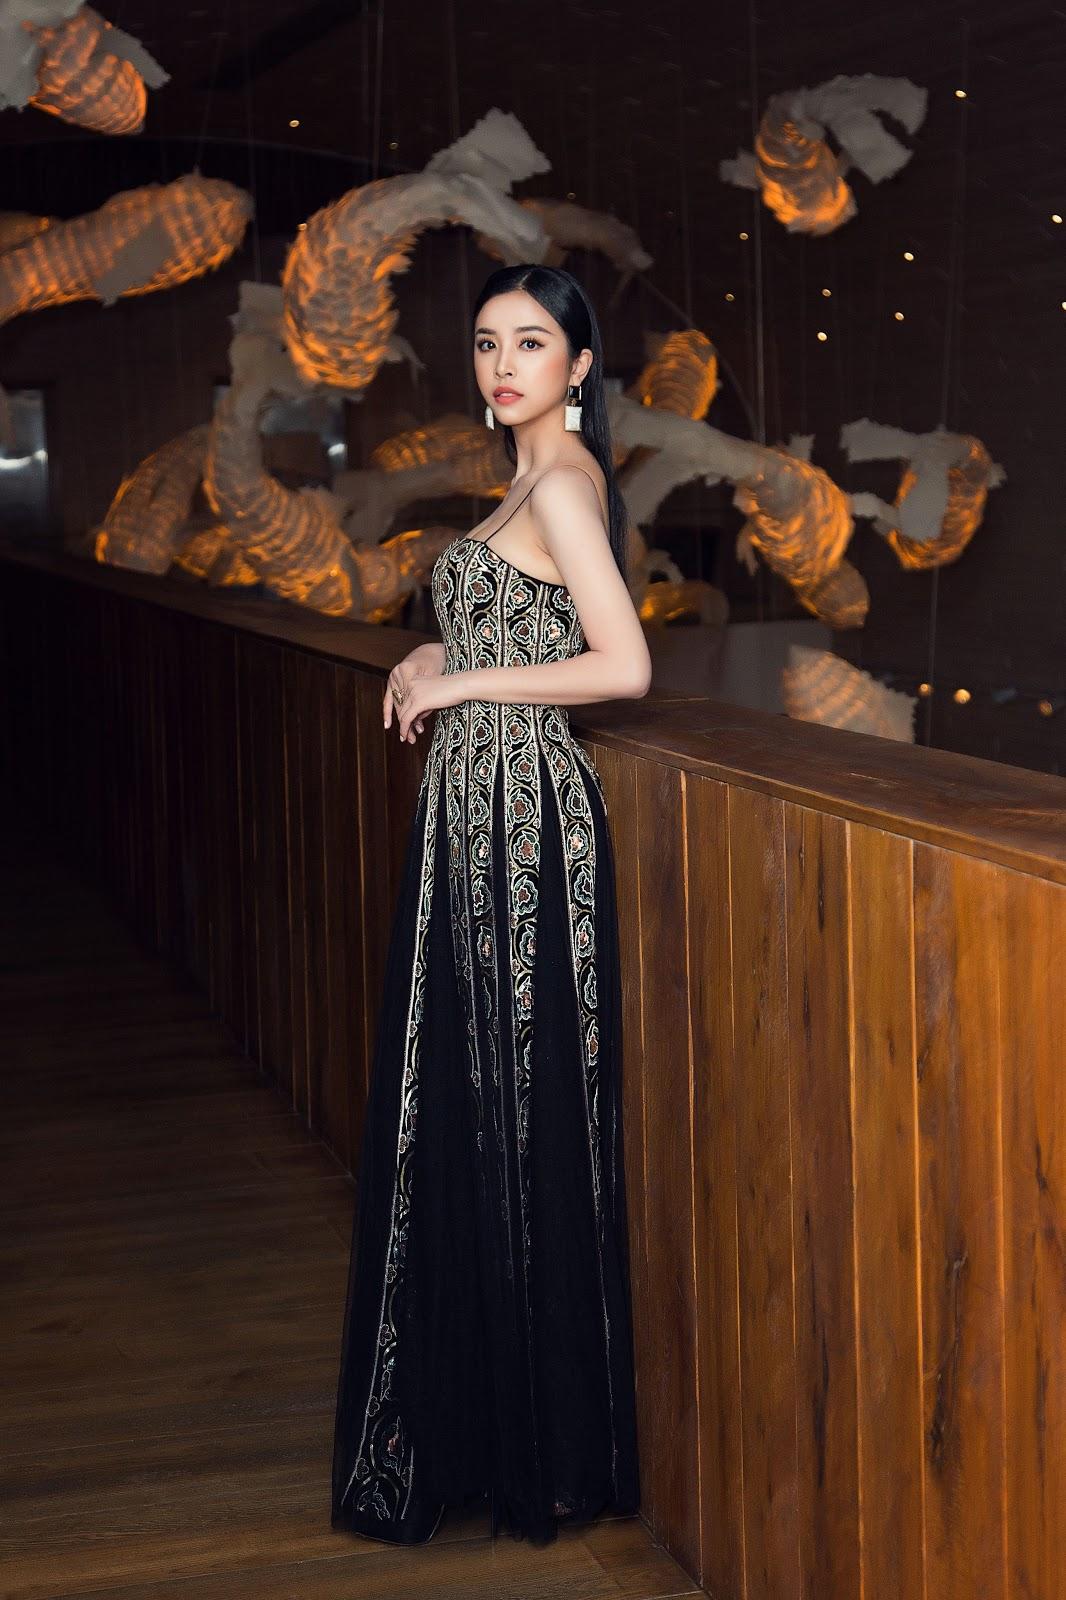 Hoa hậu Tiểu Vy khoe vẻ đẹp truyền thống giữa rừng hoa showbiz - Hình 10